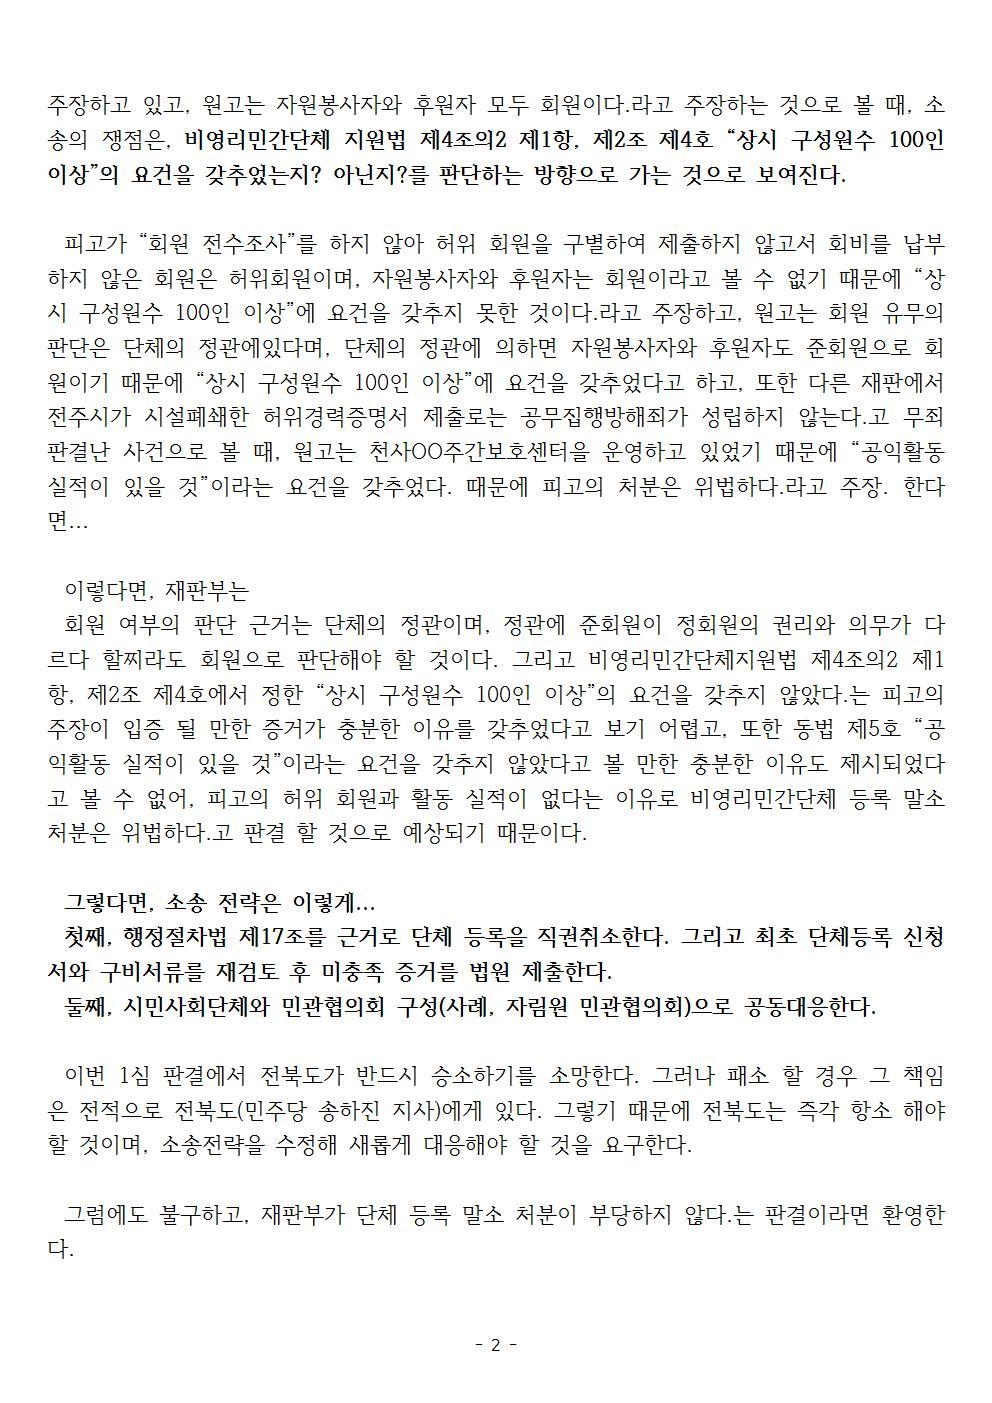 [전북 봉침게이트] 피고(전북도 민주당 송하진 지사) 소송 대응이 아쉽다002.jpg